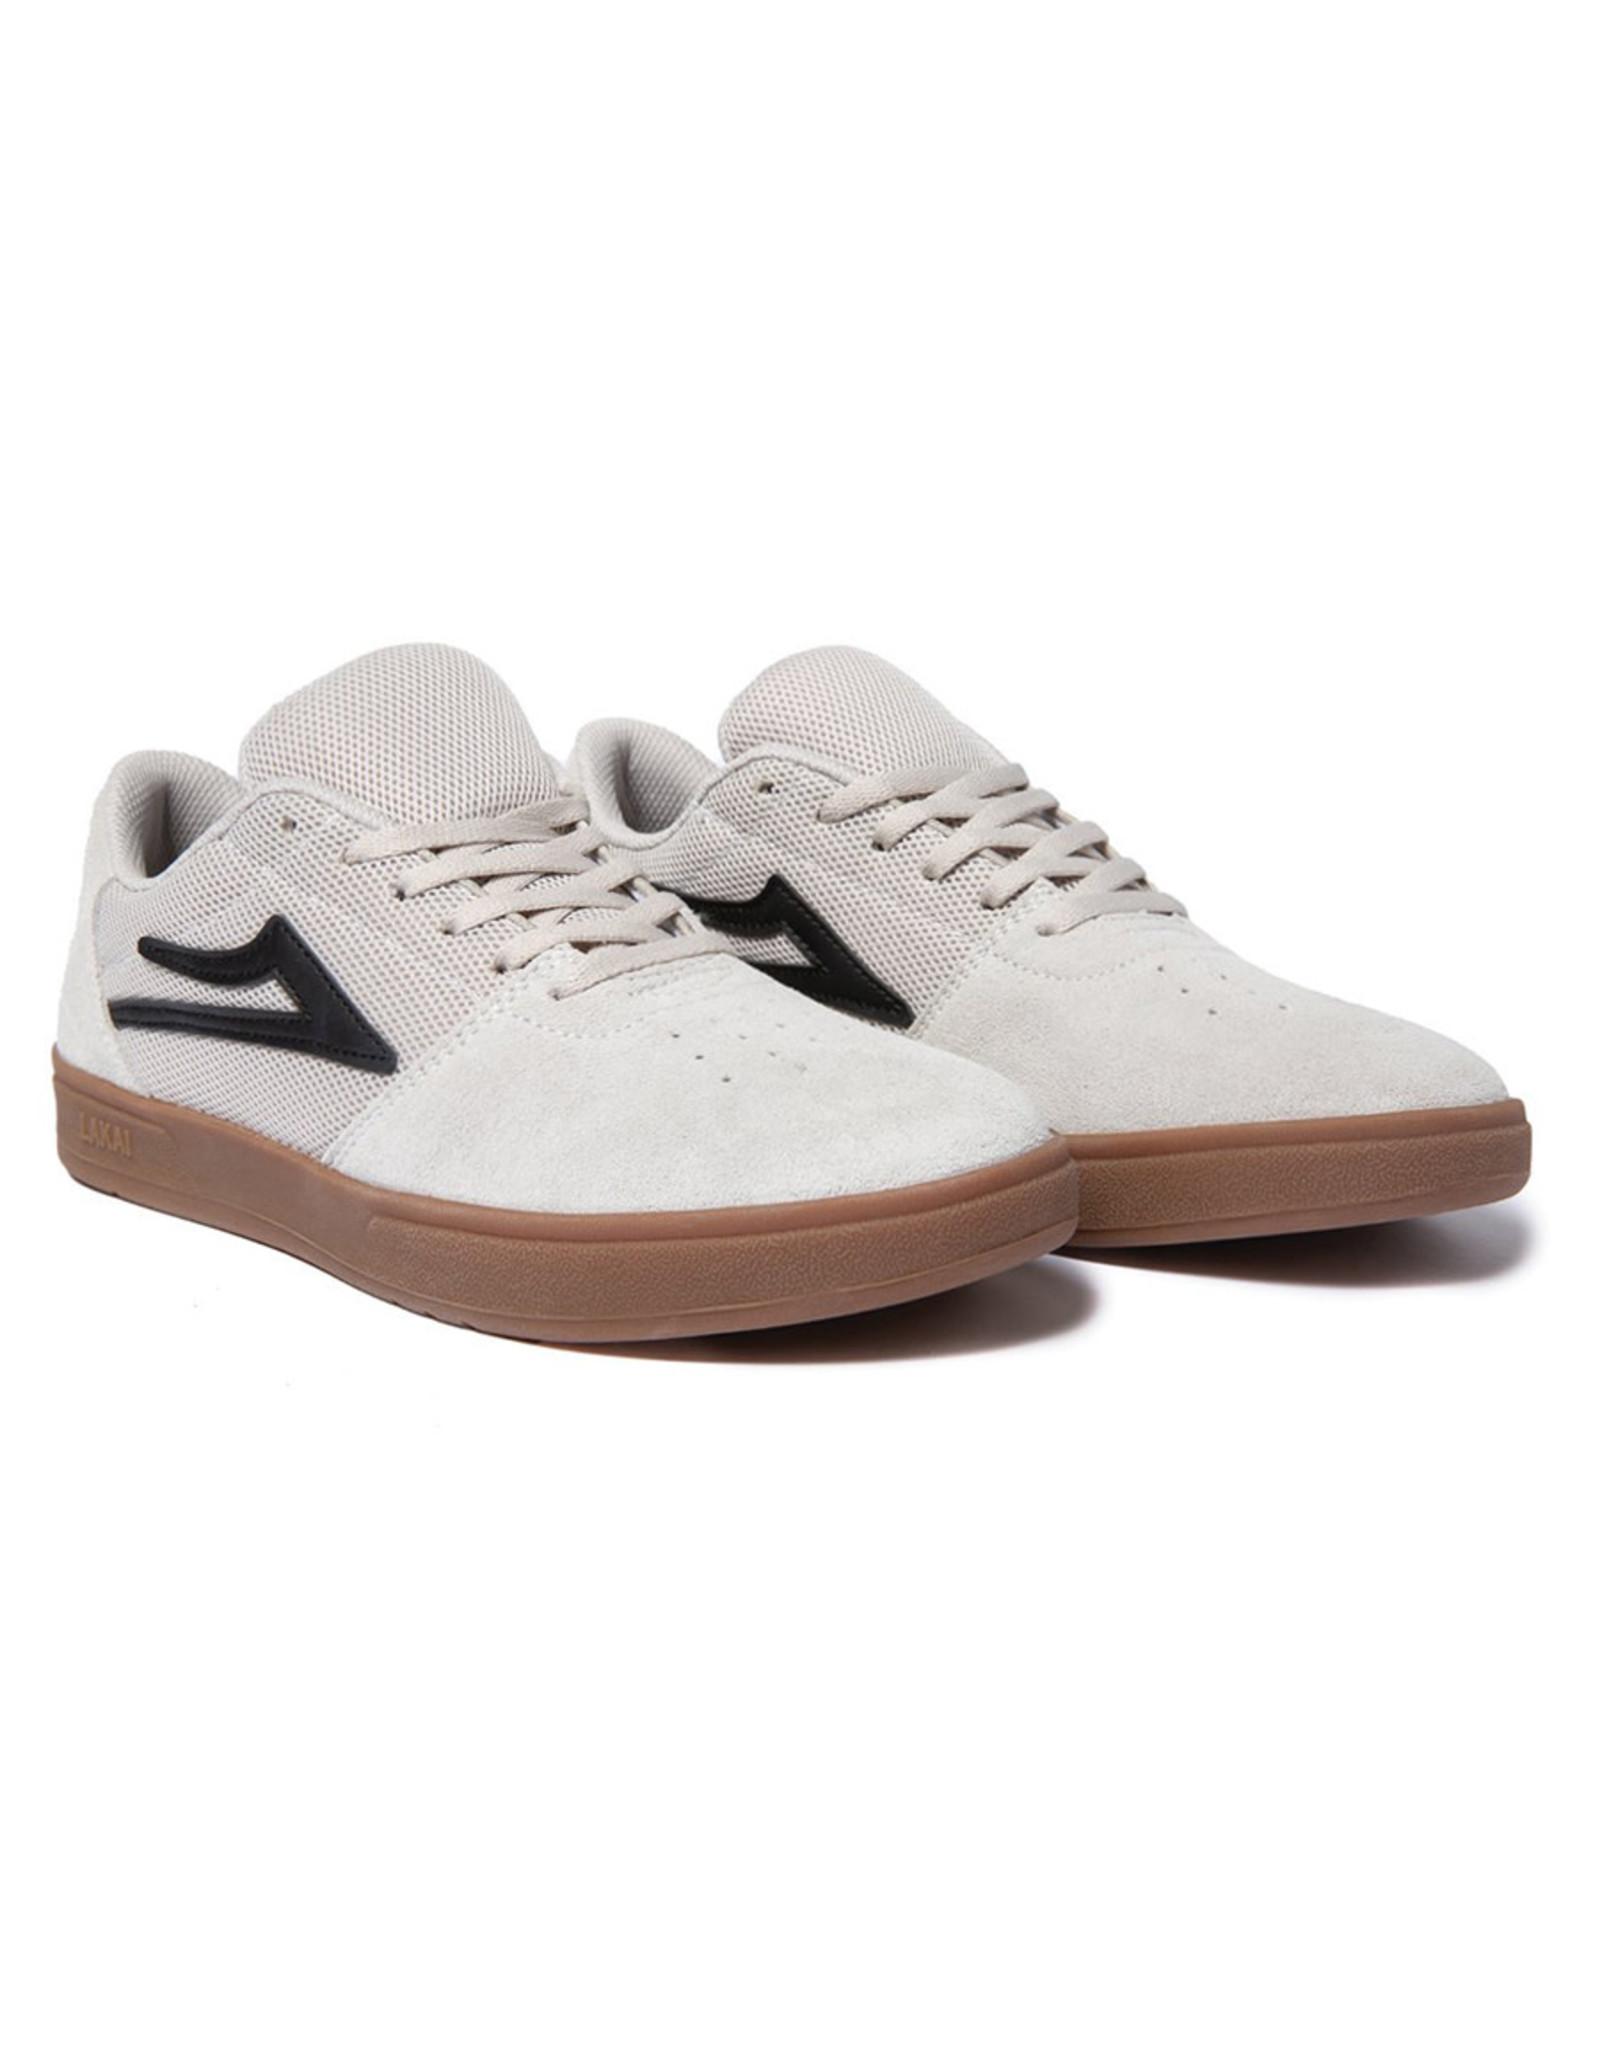 Lakai Shoes Lakai Shoe Brighton (White/Gum Suede)